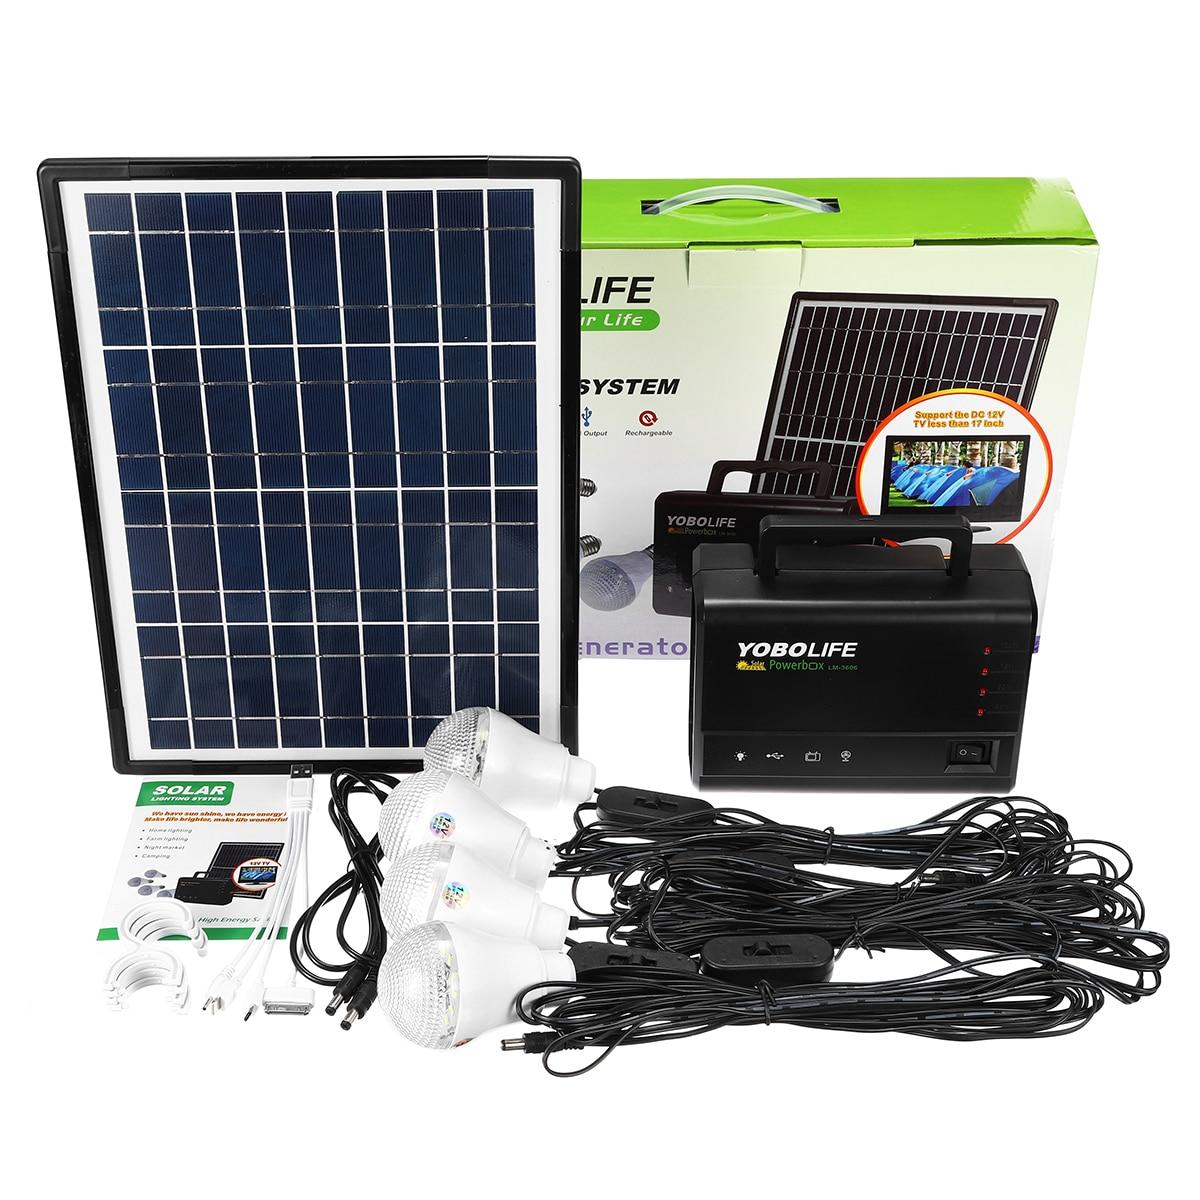 Lumière LED chargeur USB 18 W panneau solaire générateur de stockage d'énergie Kit de système domestique Rechargeable LED de mer batterie au plomb ABS + PC 10 V - 6